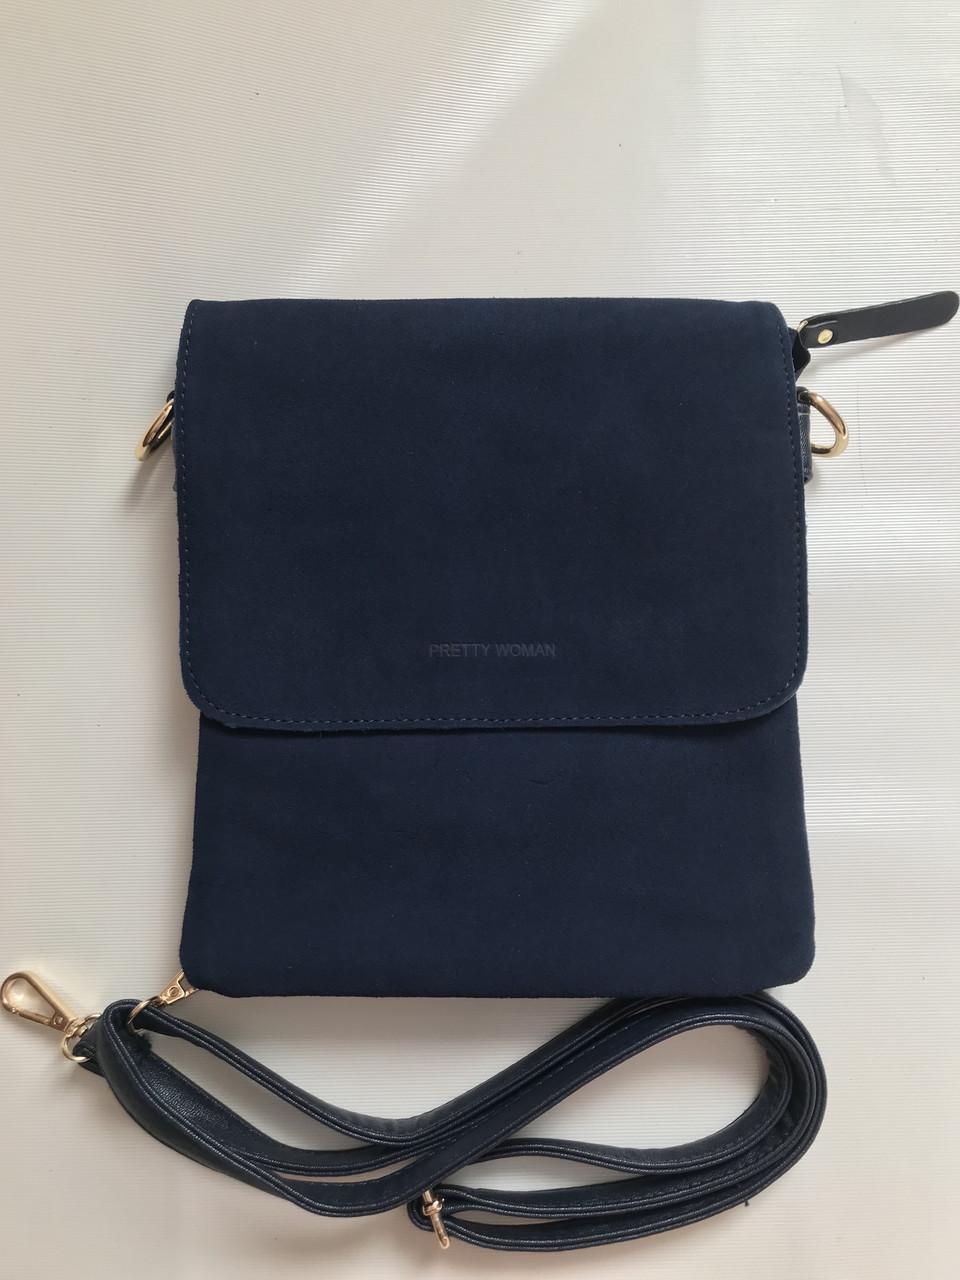 Женская сумка-плашетка через плечо клатч замшевый темно-синий Pretty Woman